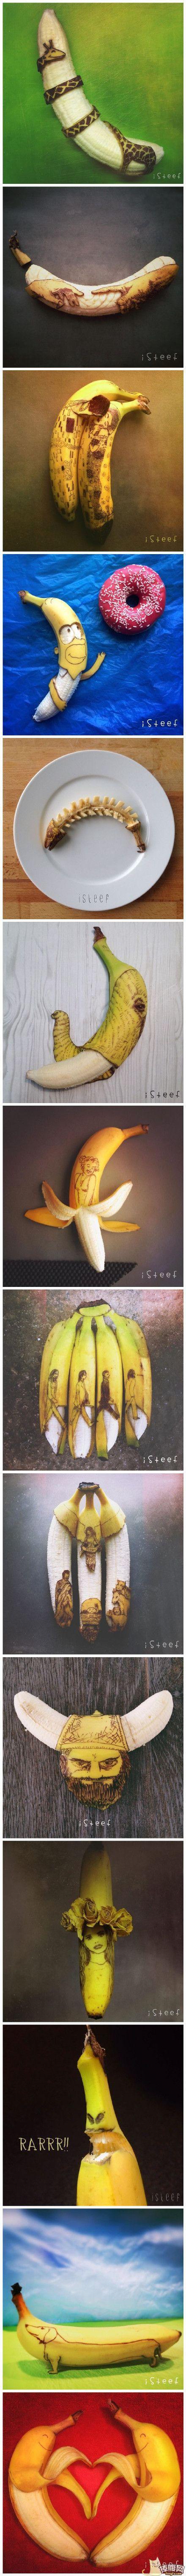 被玩坏的香蕉[10P]